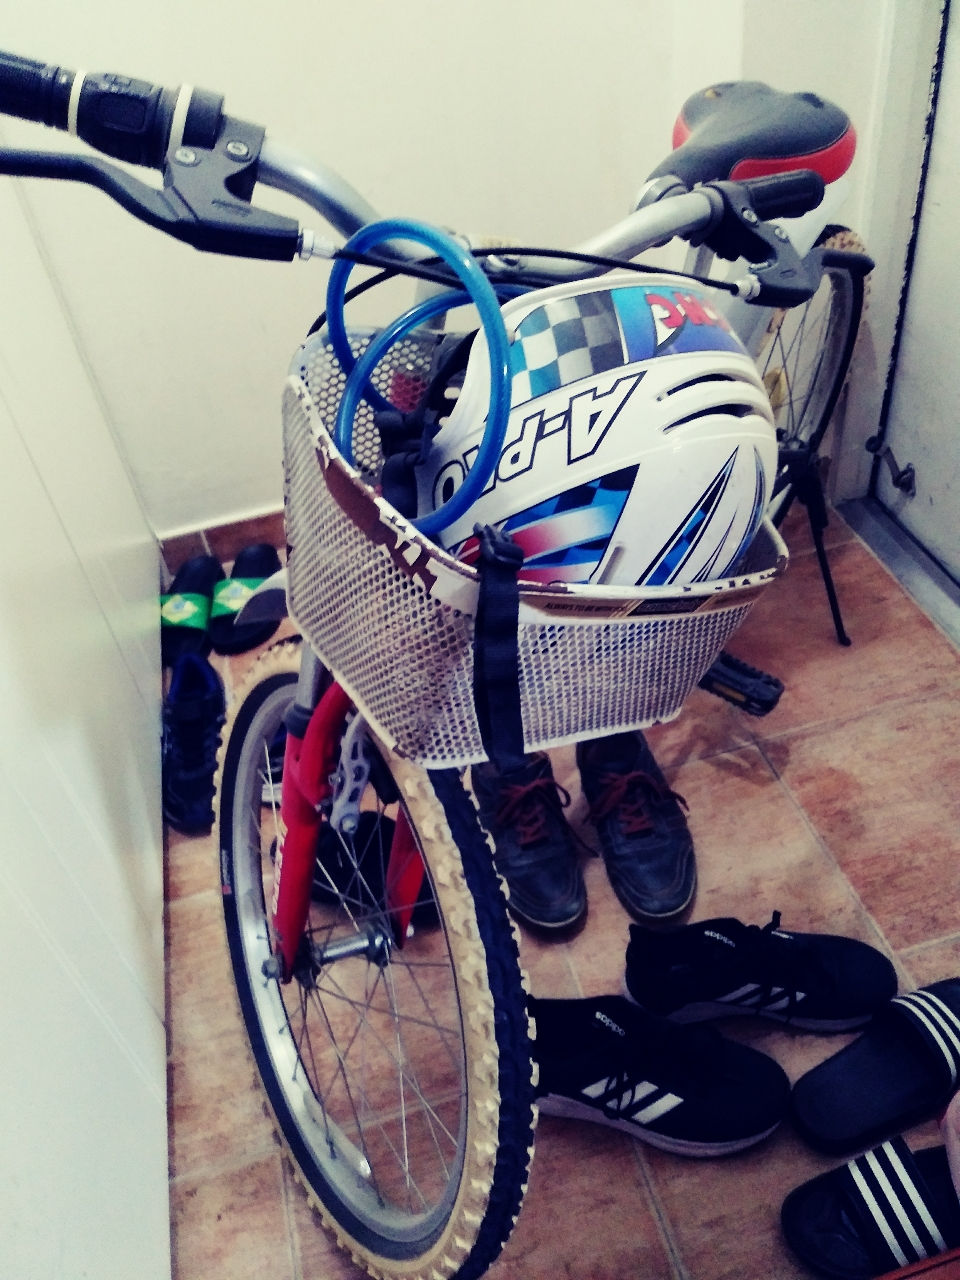 자전거 초2~~ 키130정도이면 잘 탈수있을 듯 합니다